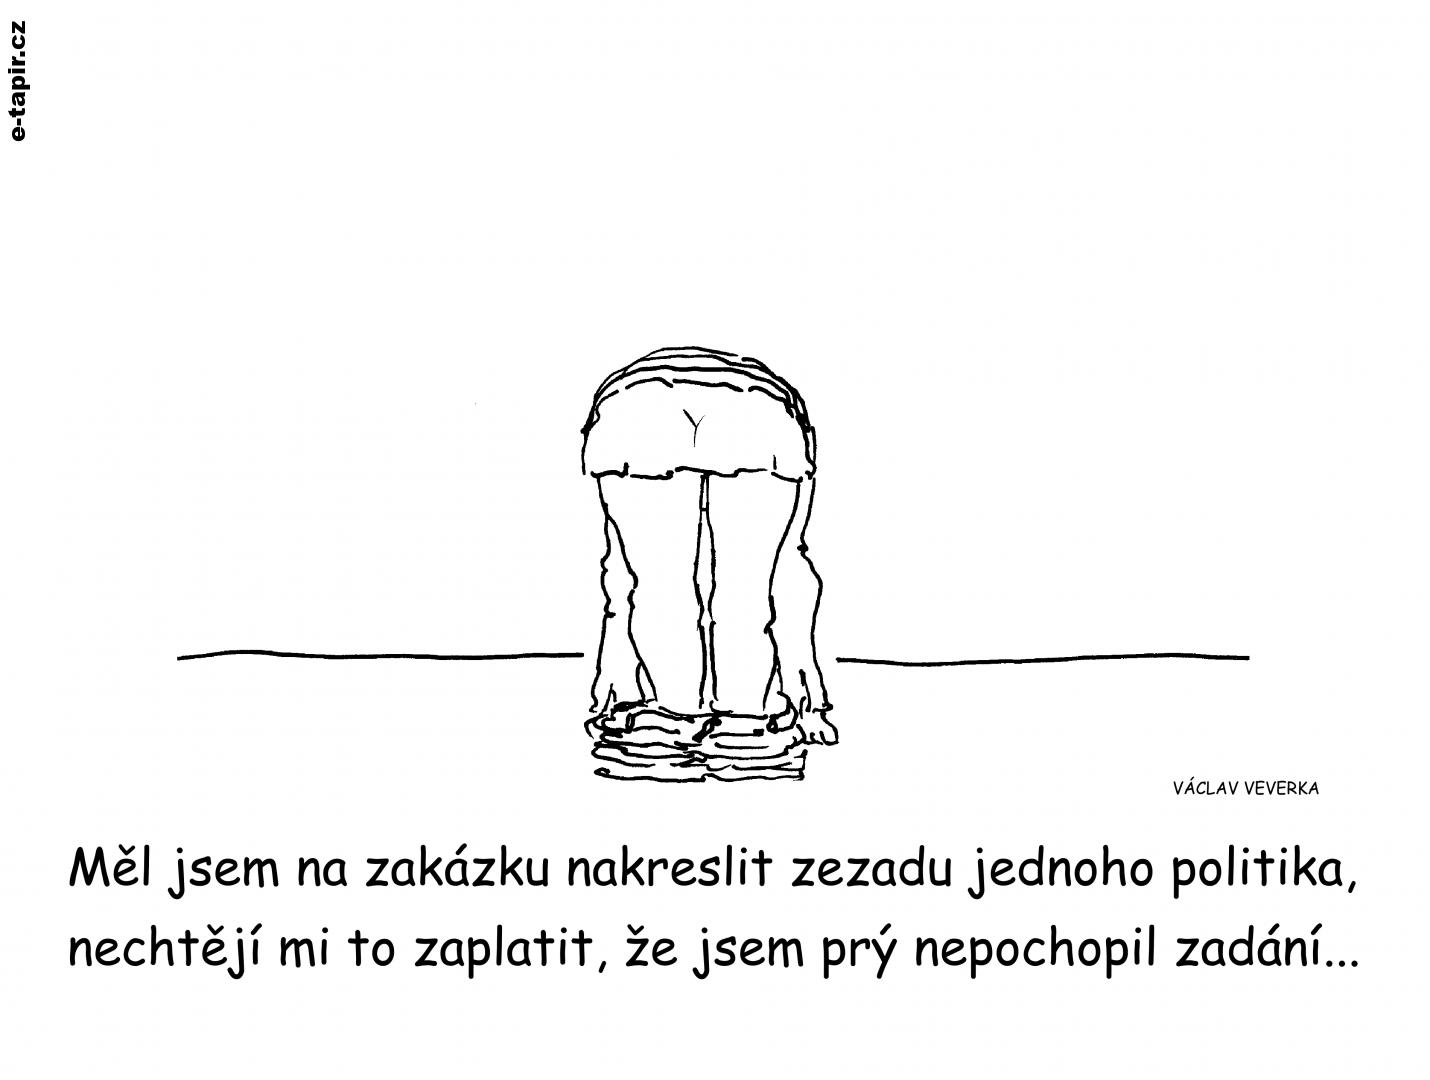 politik zezadu-f3127b83